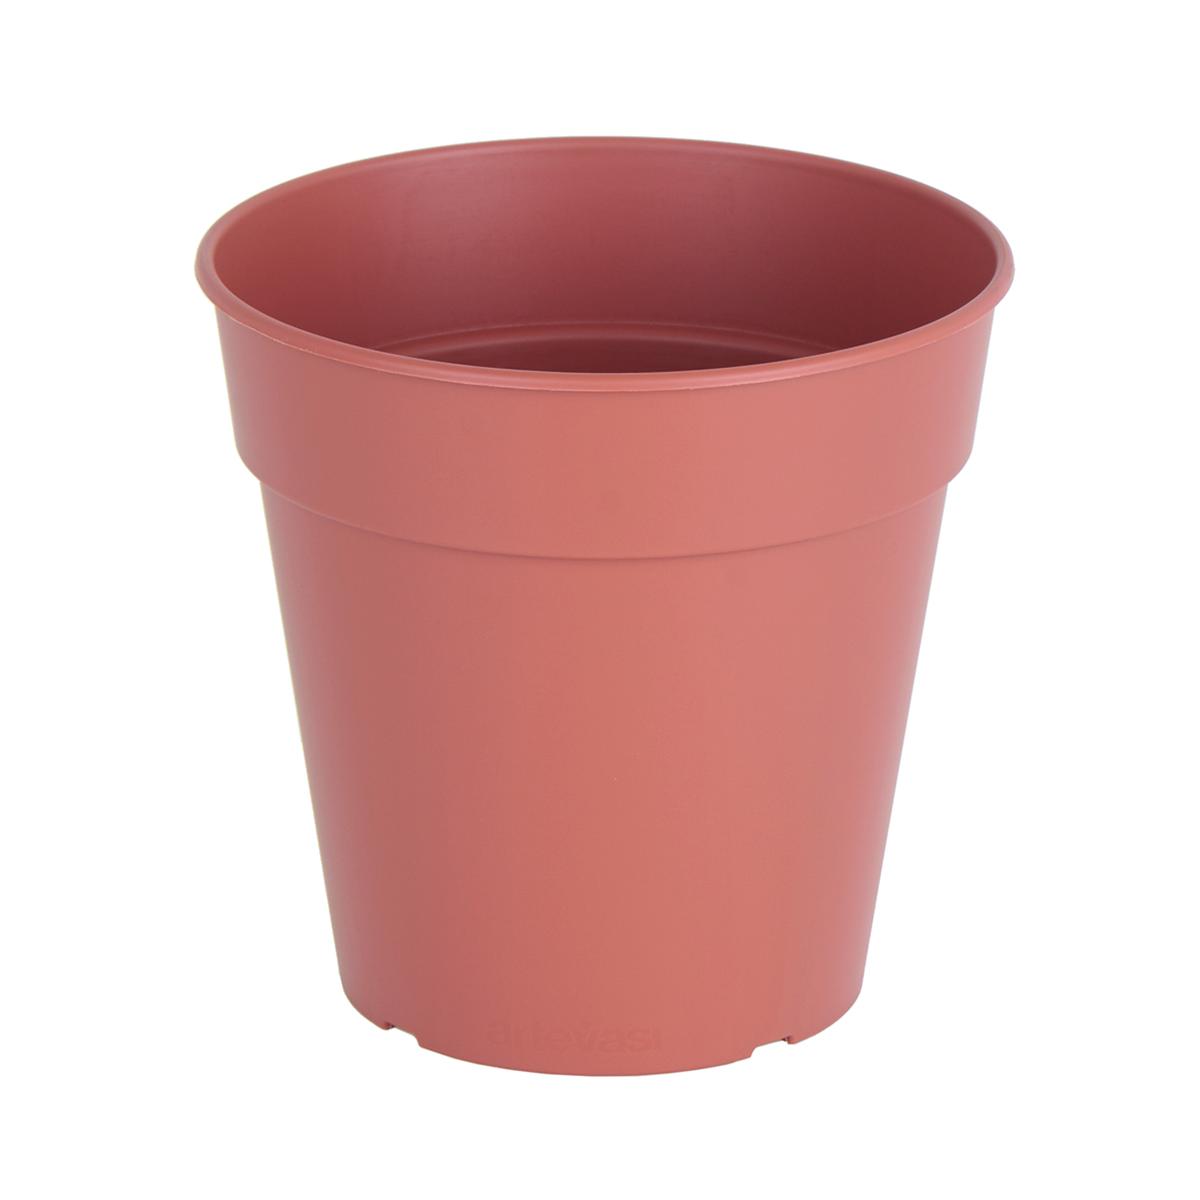 Vaso Madagascar ARTEVASI in plastica colore cotto H 14.2 cm, Ø 15 cm